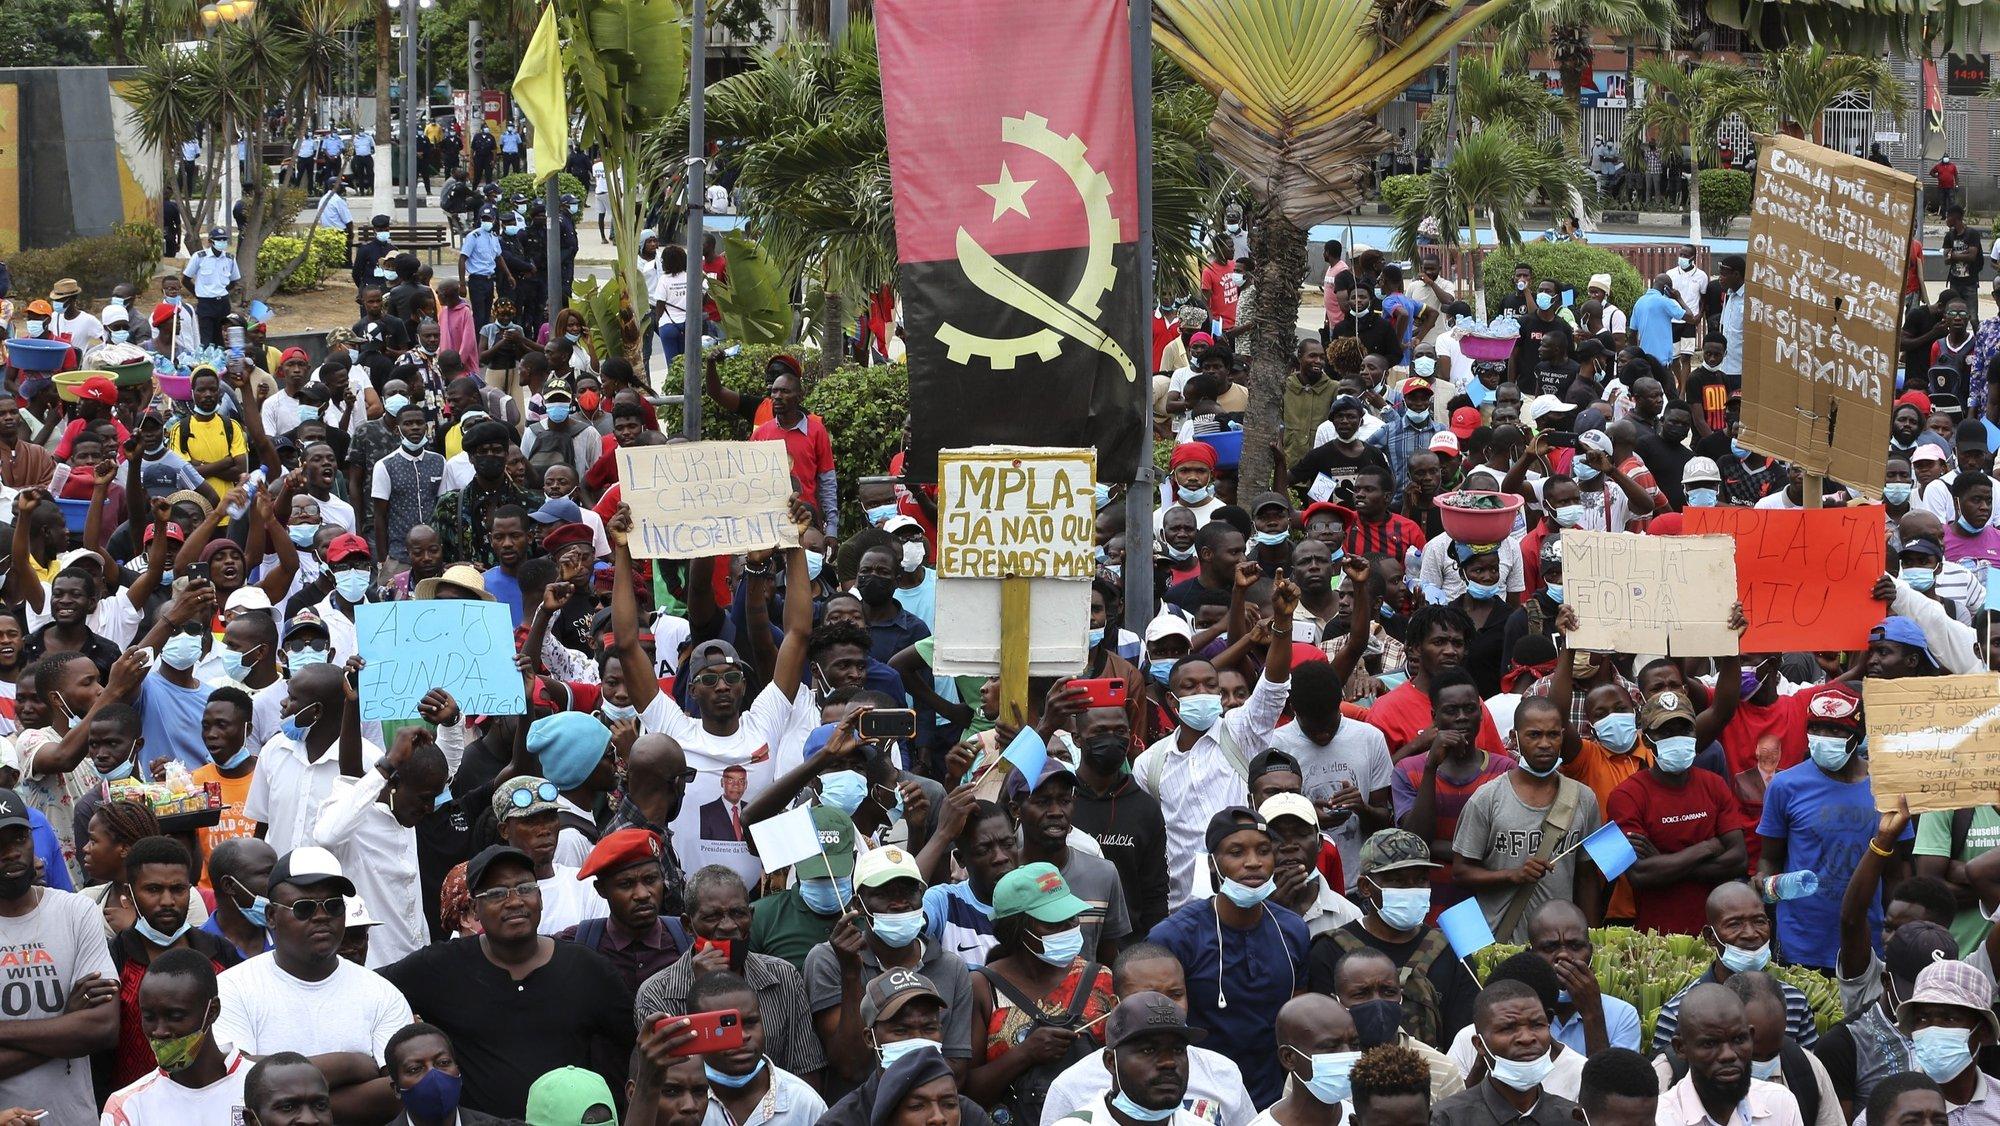 """Populares participam na marcha """"Em Defesa do Estado Democrático de Direito"""", organizada por organizações juvenis de partidos políticos e da sociedade civil angolana, contra o """"retrocesso da frágil democracia"""" e """"violações sistemáticas da Constituição"""", considerando que Angola vive um momento que """"periga a sã convivência entre os atores políticos e que pode propiciar convulsões sociais a exemplo de outros países africanos"""", em Luanda, Angola, 16 de outubro de 2021. AMPE ROGÉRIO/LUSA"""